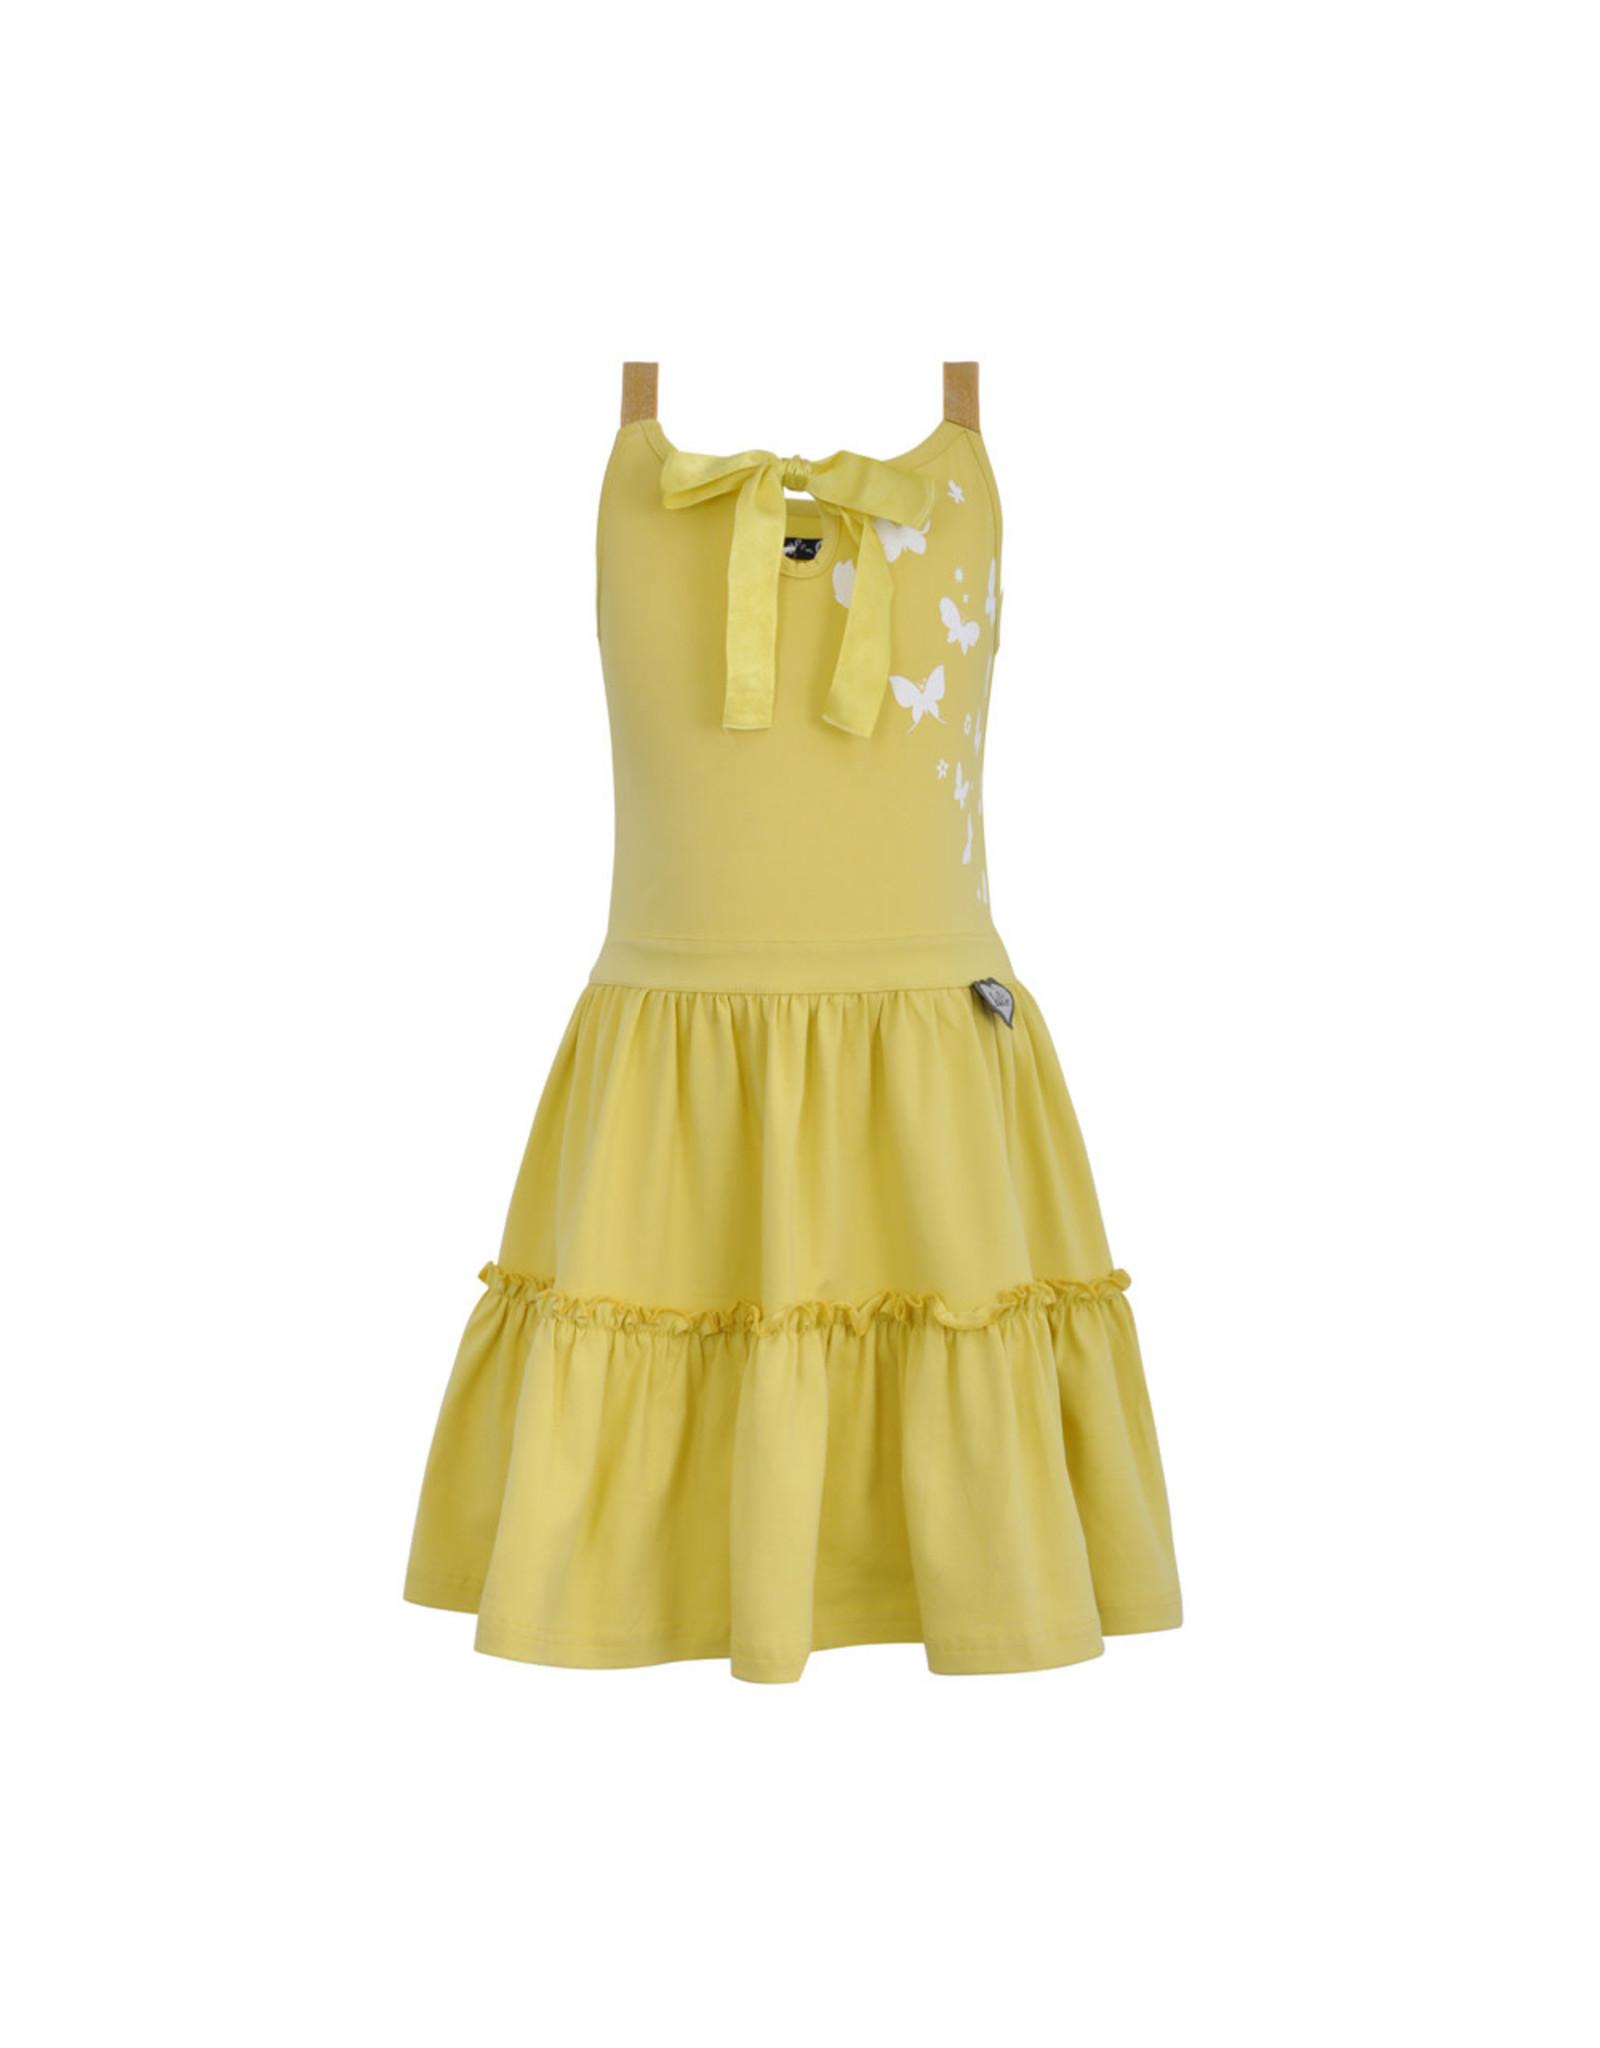 LoFff Loff meiden mouwloze jurk Fancy Yellow